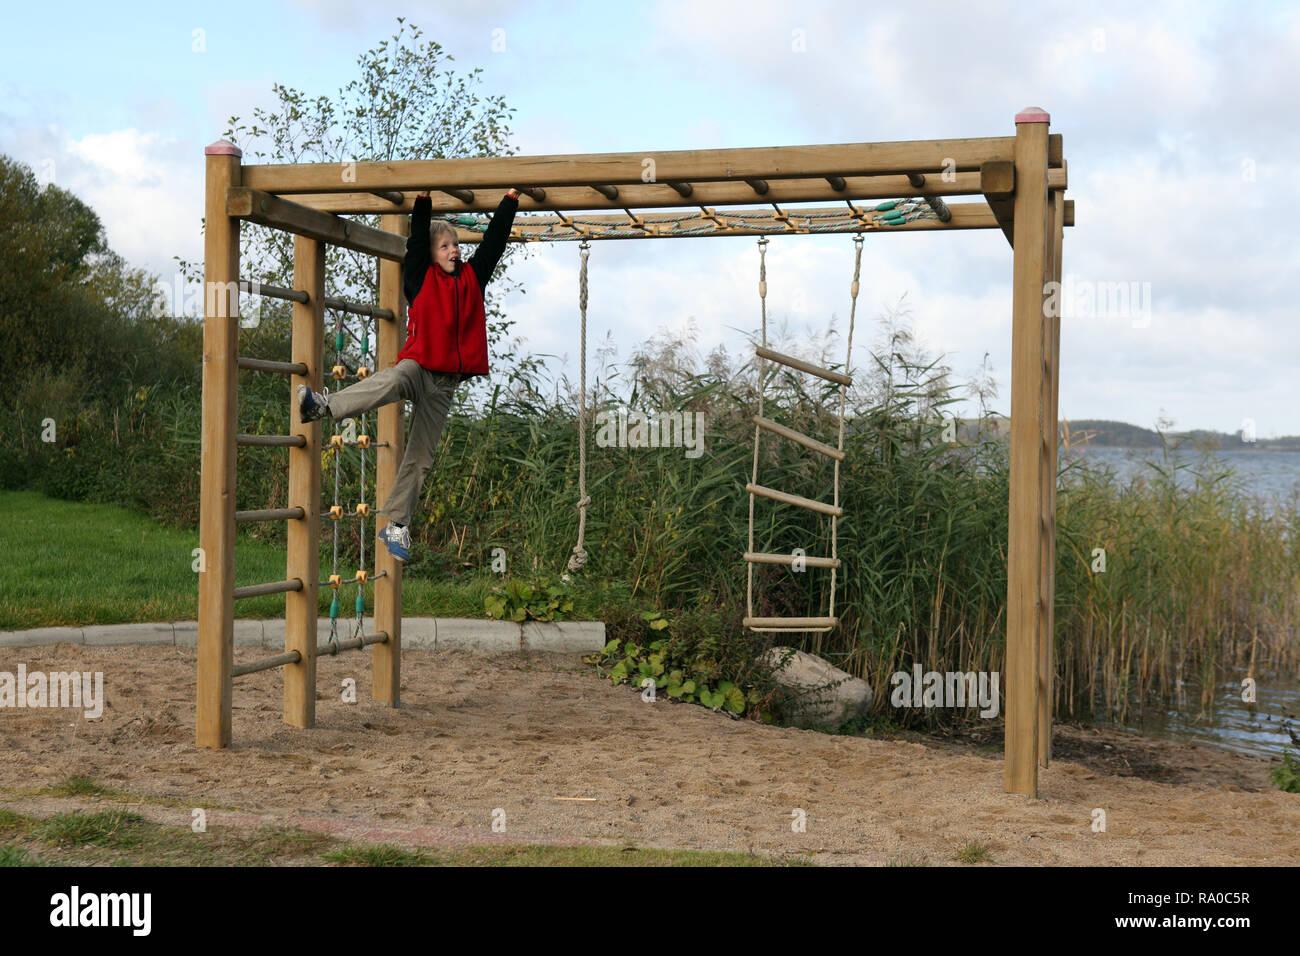 Klettergerüst Obra : 10 bis imágenes de stock & fotos alamy